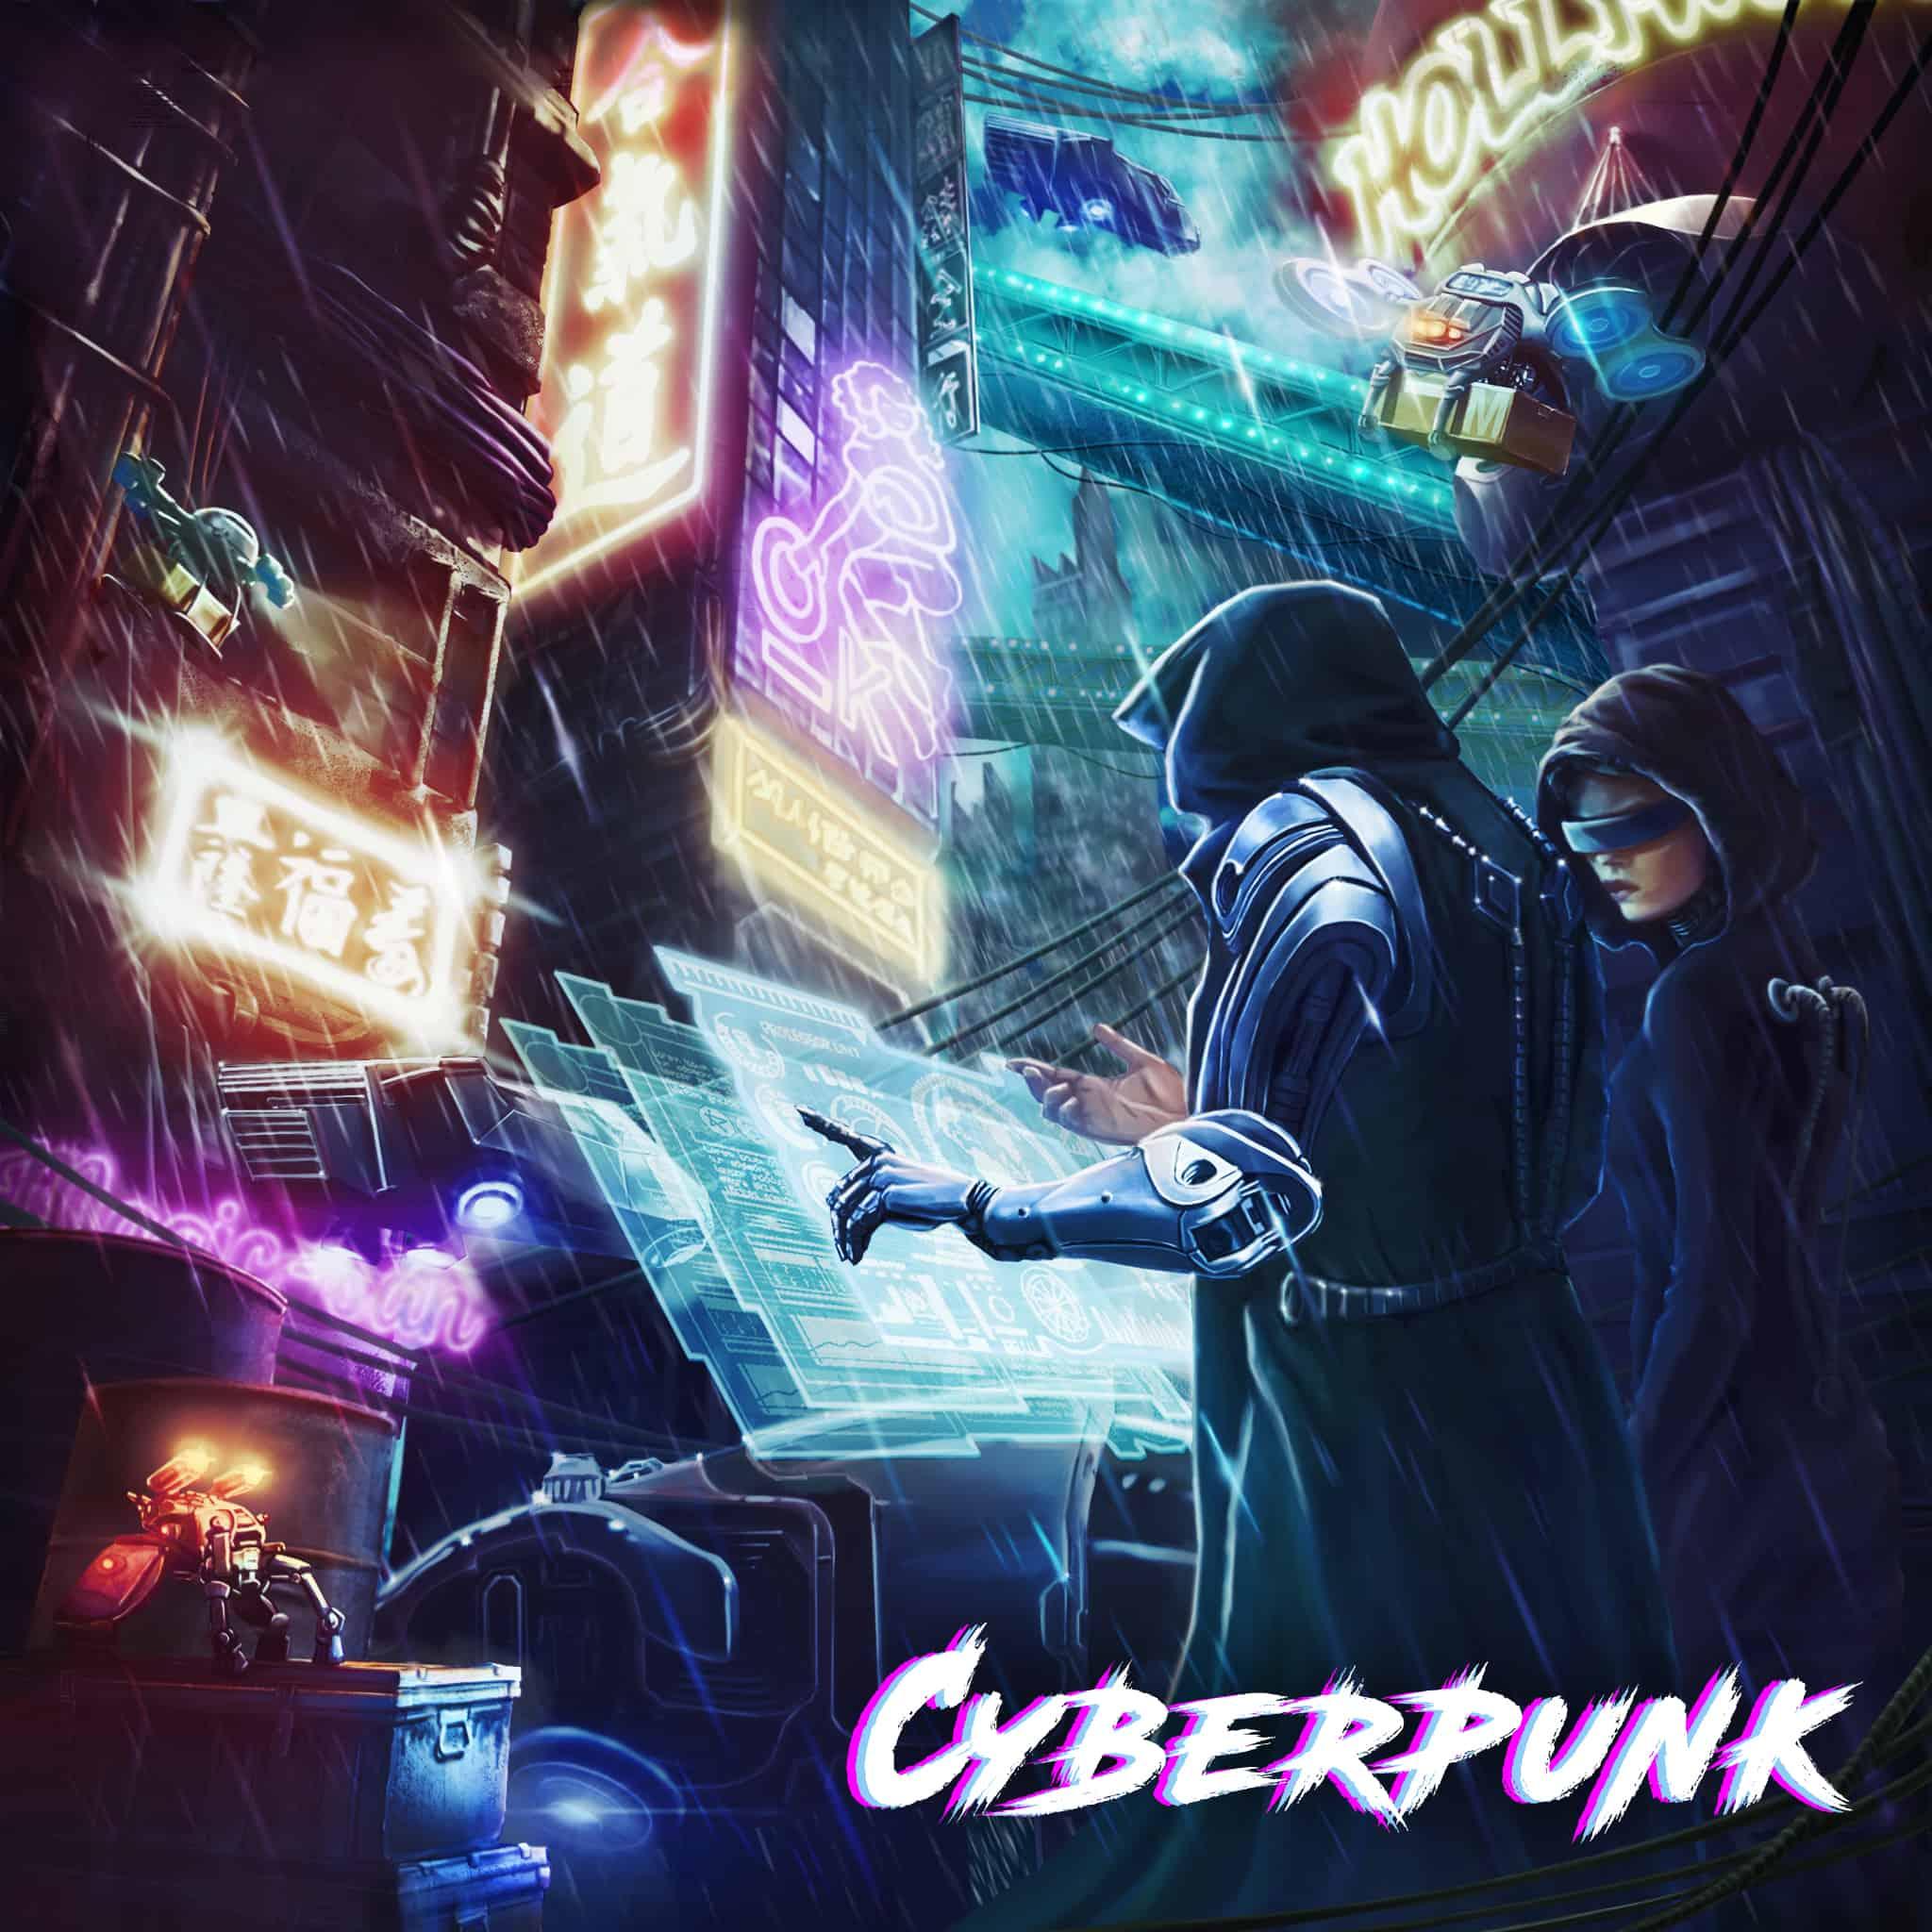 cyberpunk vr escape room